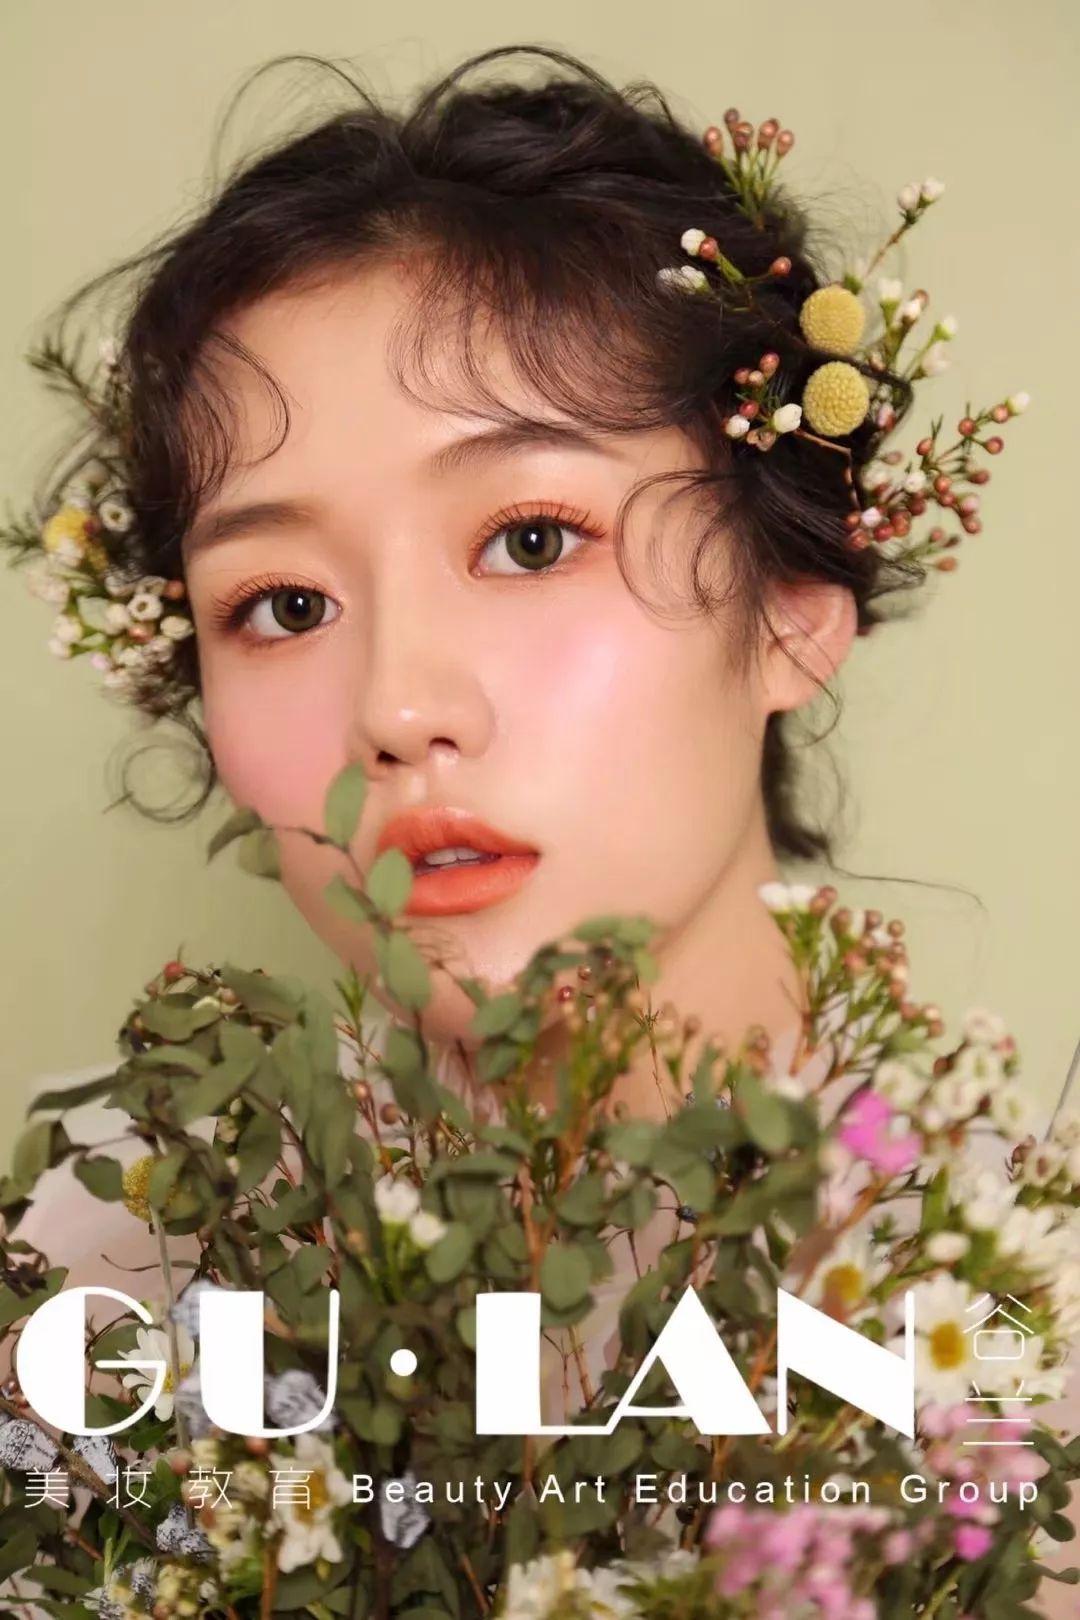 鲜花减龄妆容 清新减龄妆容配以鲜花头饰让你仙气十足 鲜花抽丝造型图片